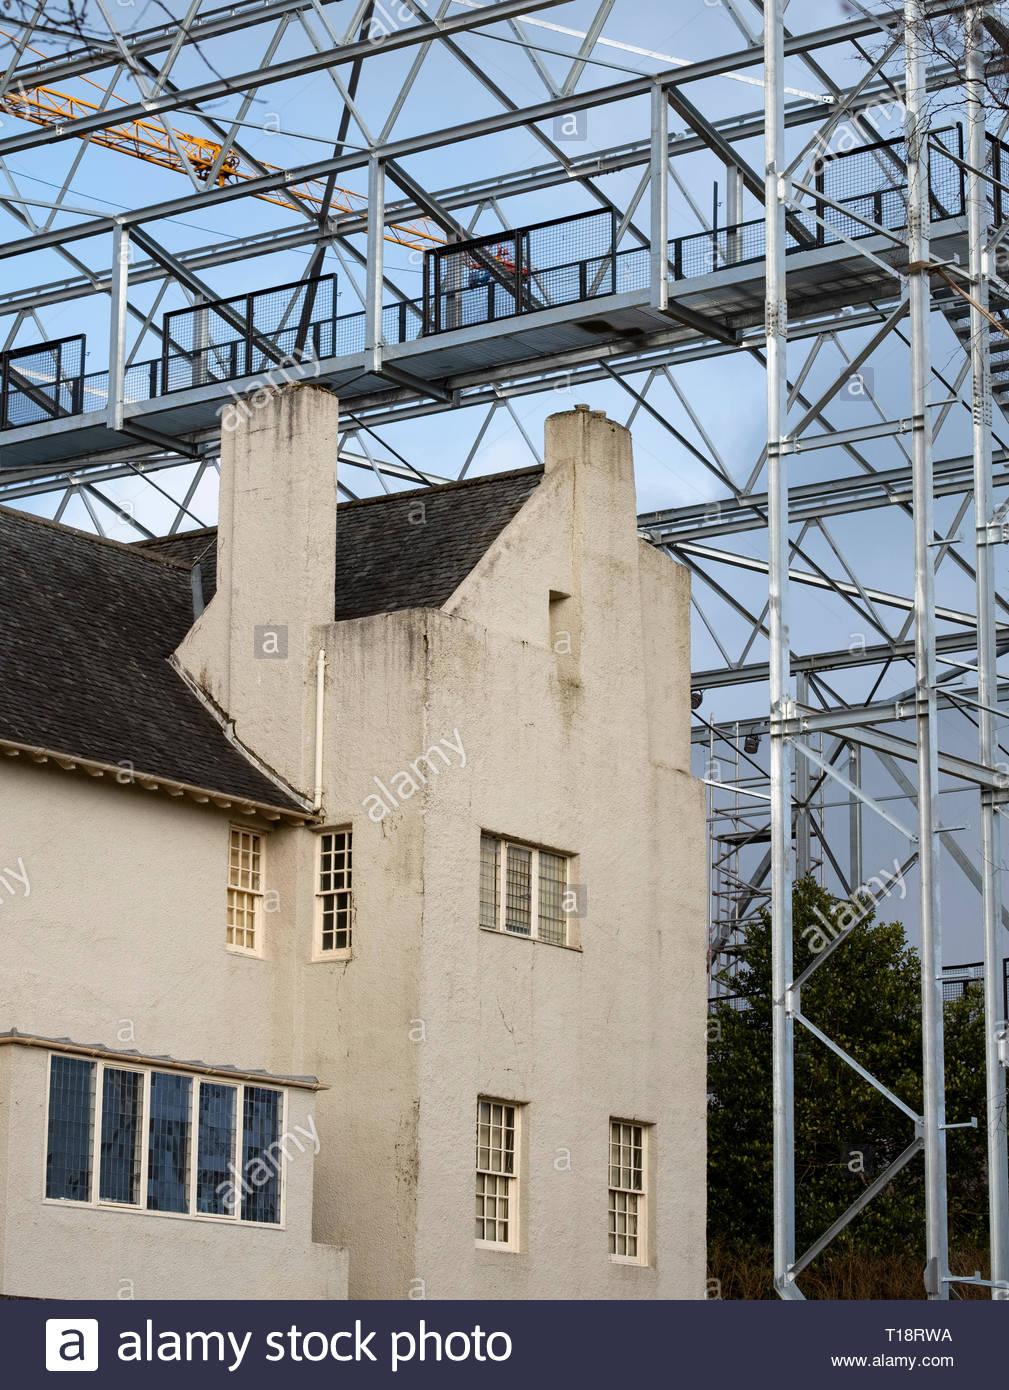 Hill House en Helensburgh durante la construcción del proyecto 'Caja' para facilitar el secado de la fachada del edificio. Consta de un bastidor de acero protectora struct Imagen De Stock